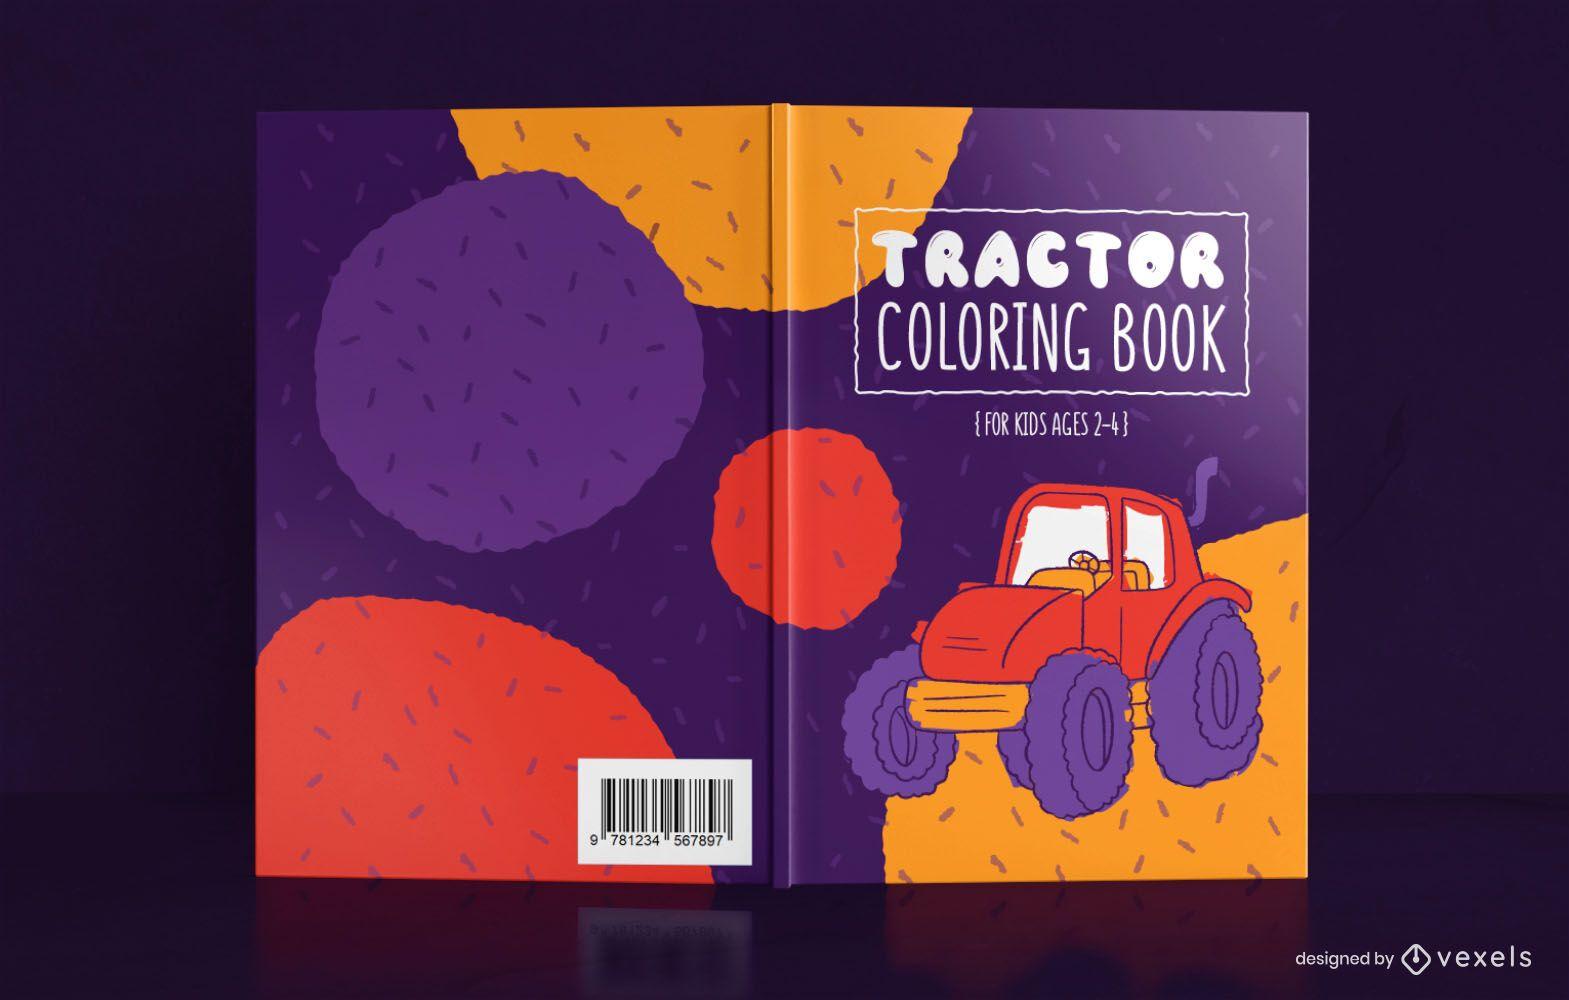 Dise?o de portada de libro para colorear de tractor